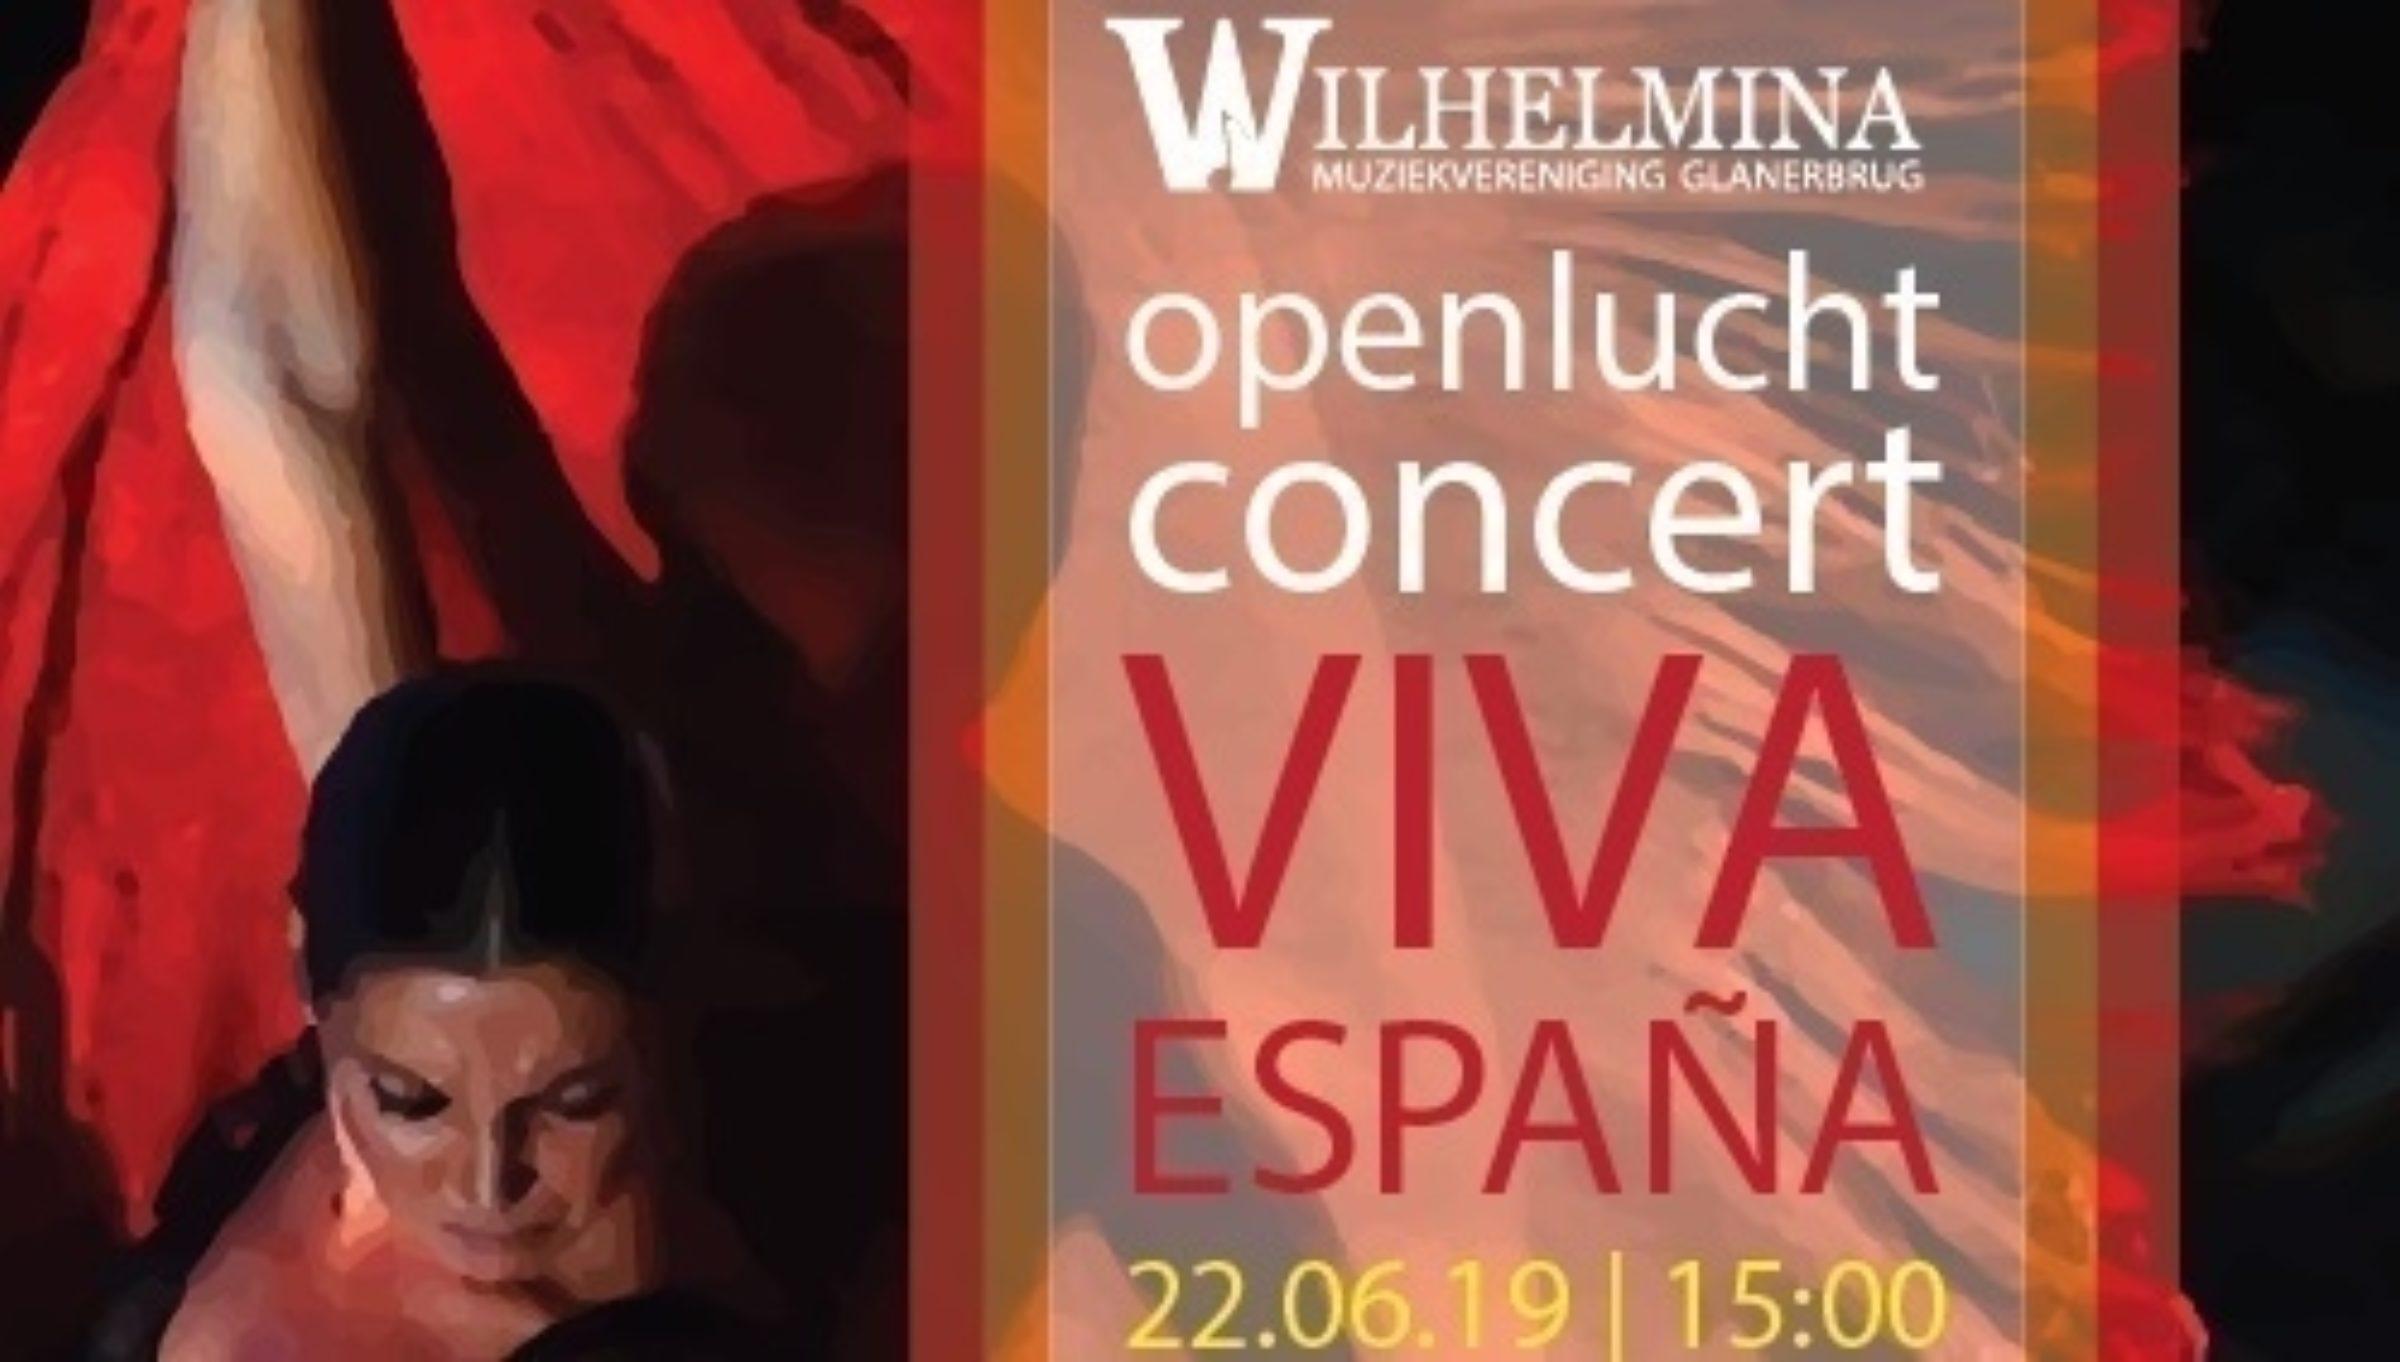 Viva espana glanerbrug1 3125 1559640657 35hxj6m1sy